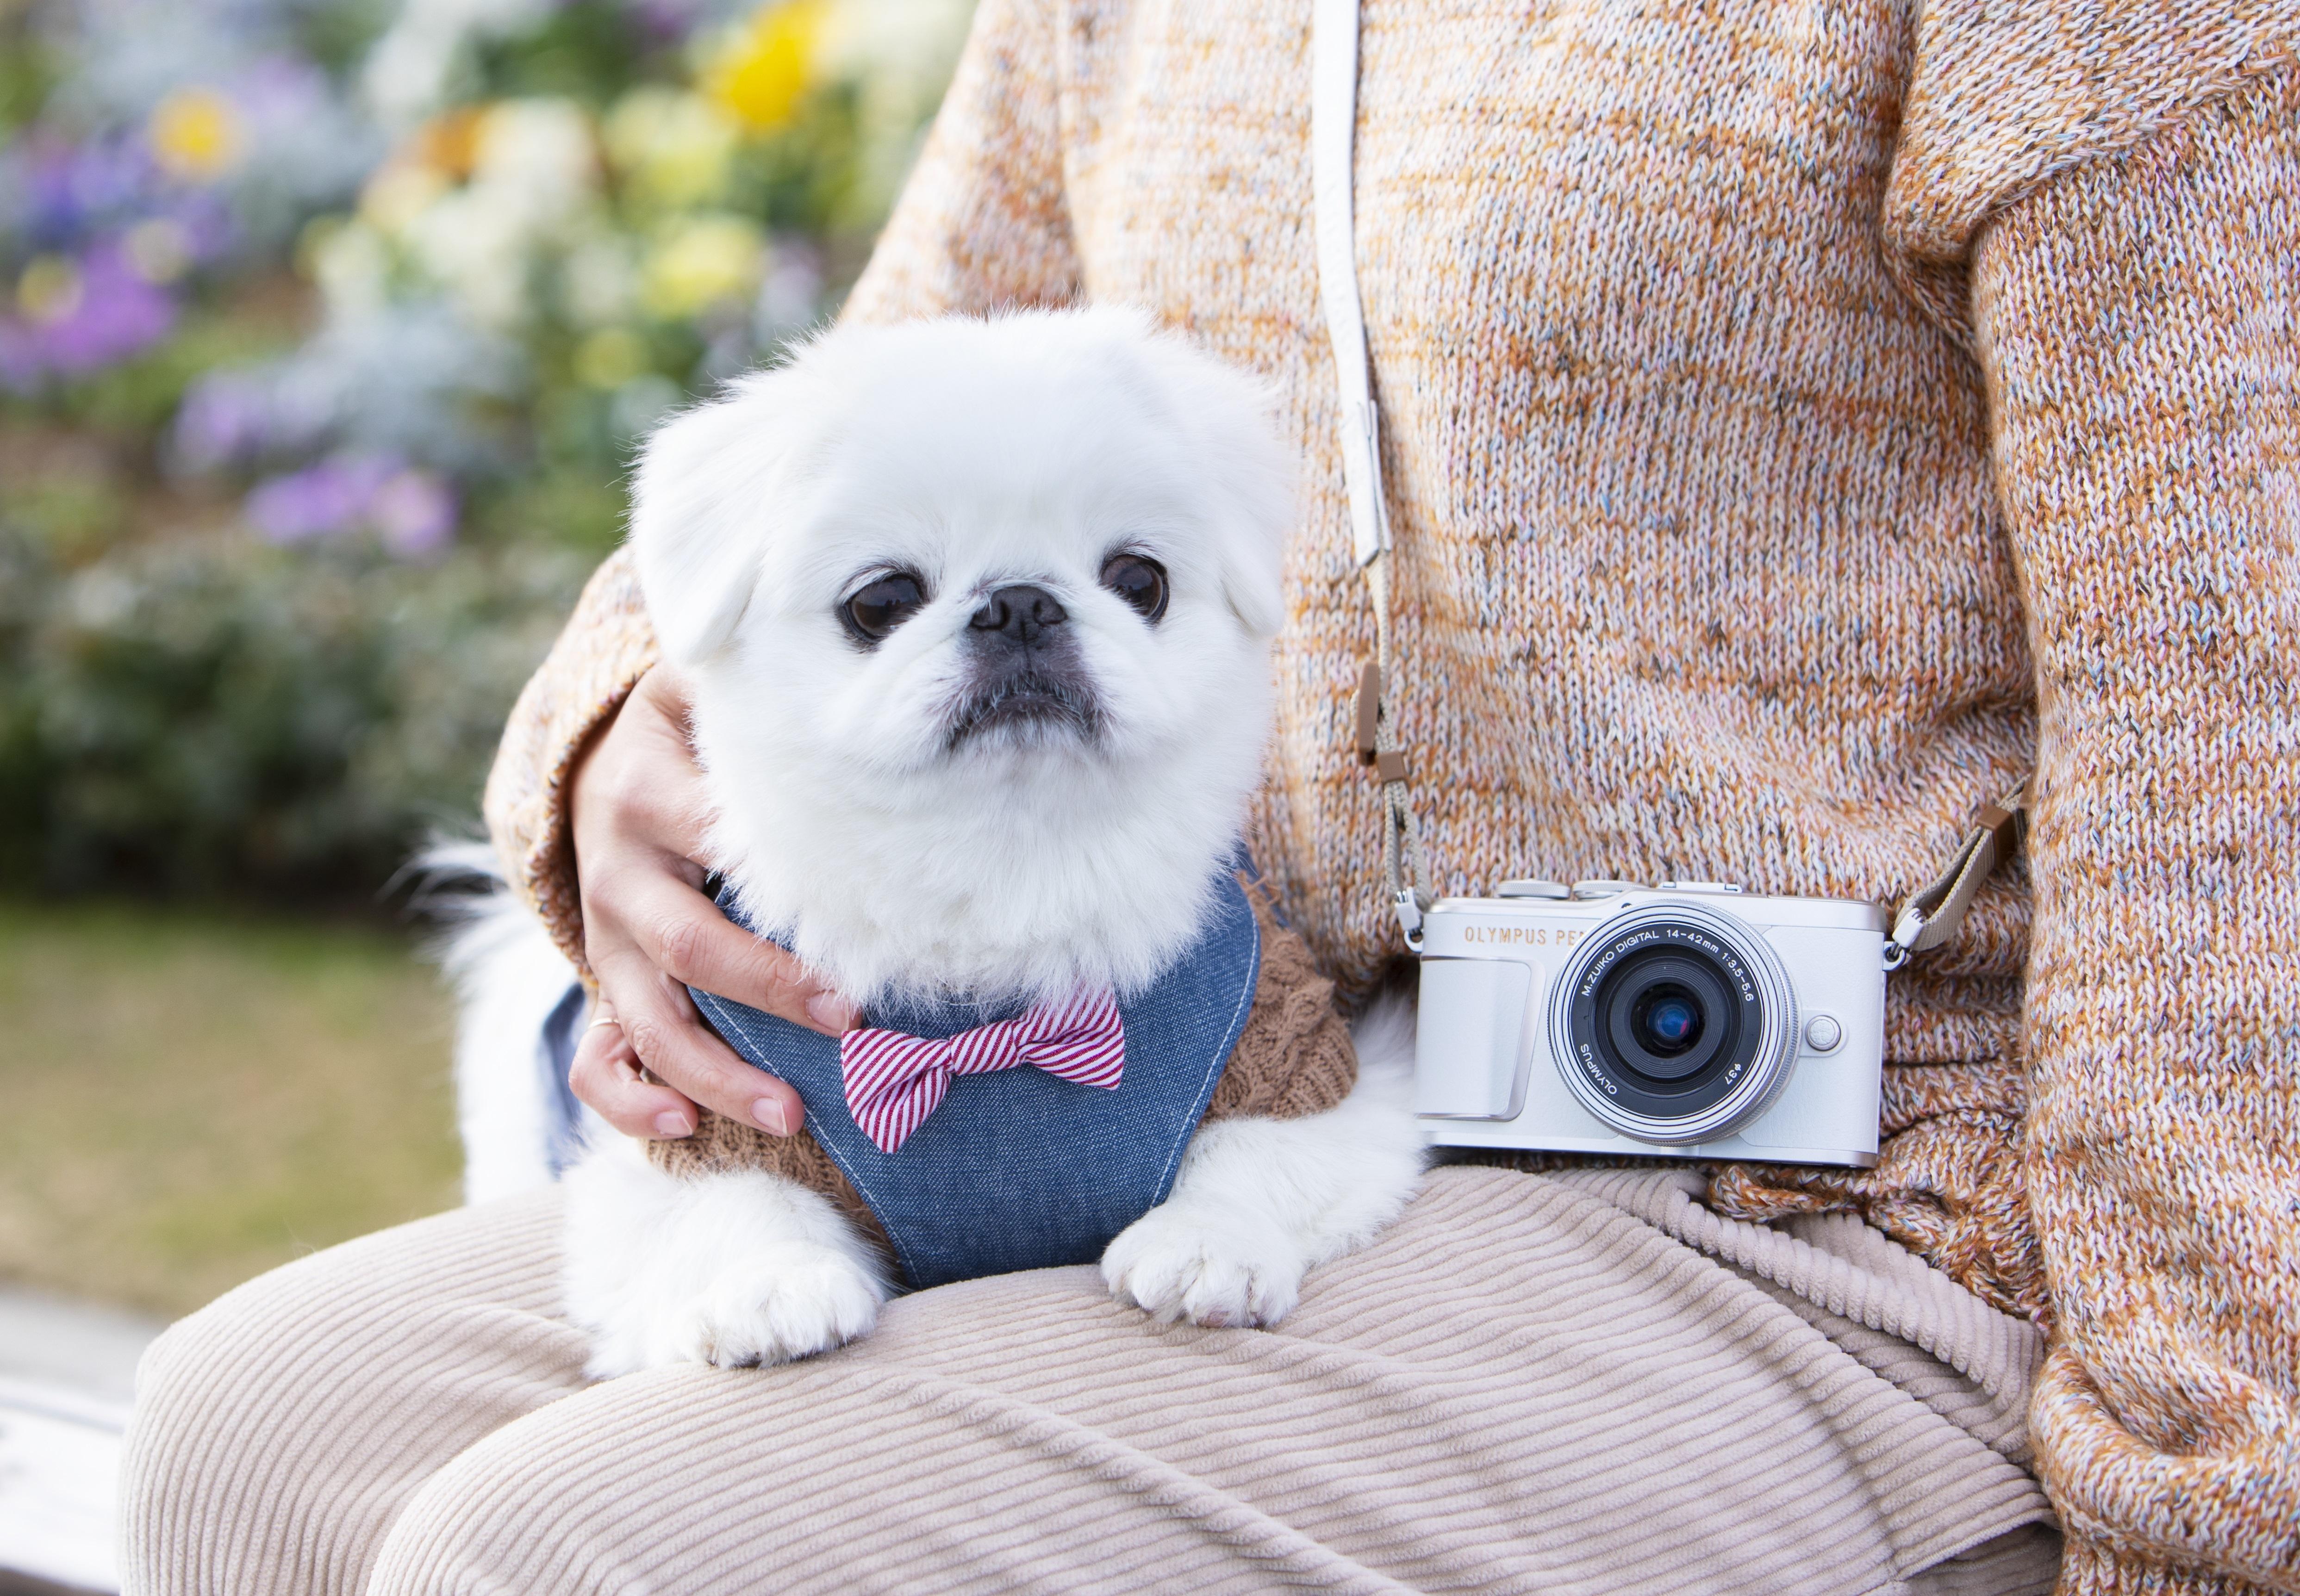 話題のミラーレス一眼カメラとともに、横浜の人気ドッグフレンドリースポットへおでかけ!【前編】